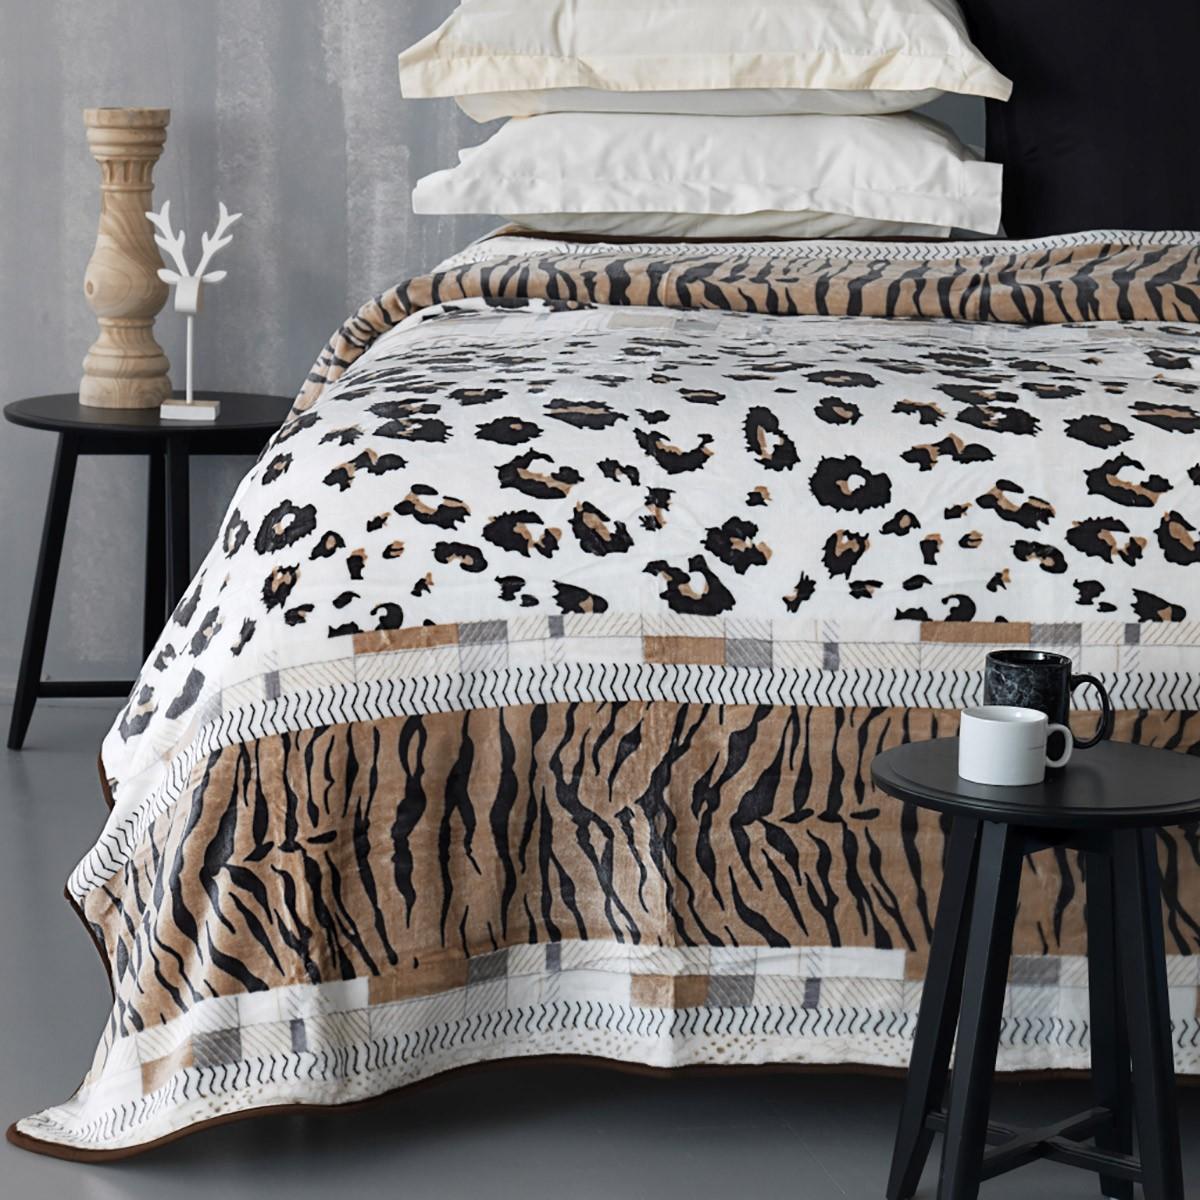 Κουβέρτα Fleece Υπέρδιπλη Palamaiki Silky 250 home   κρεβατοκάμαρα   κουβέρτες   κουβέρτες fleece υπέρδιπλες